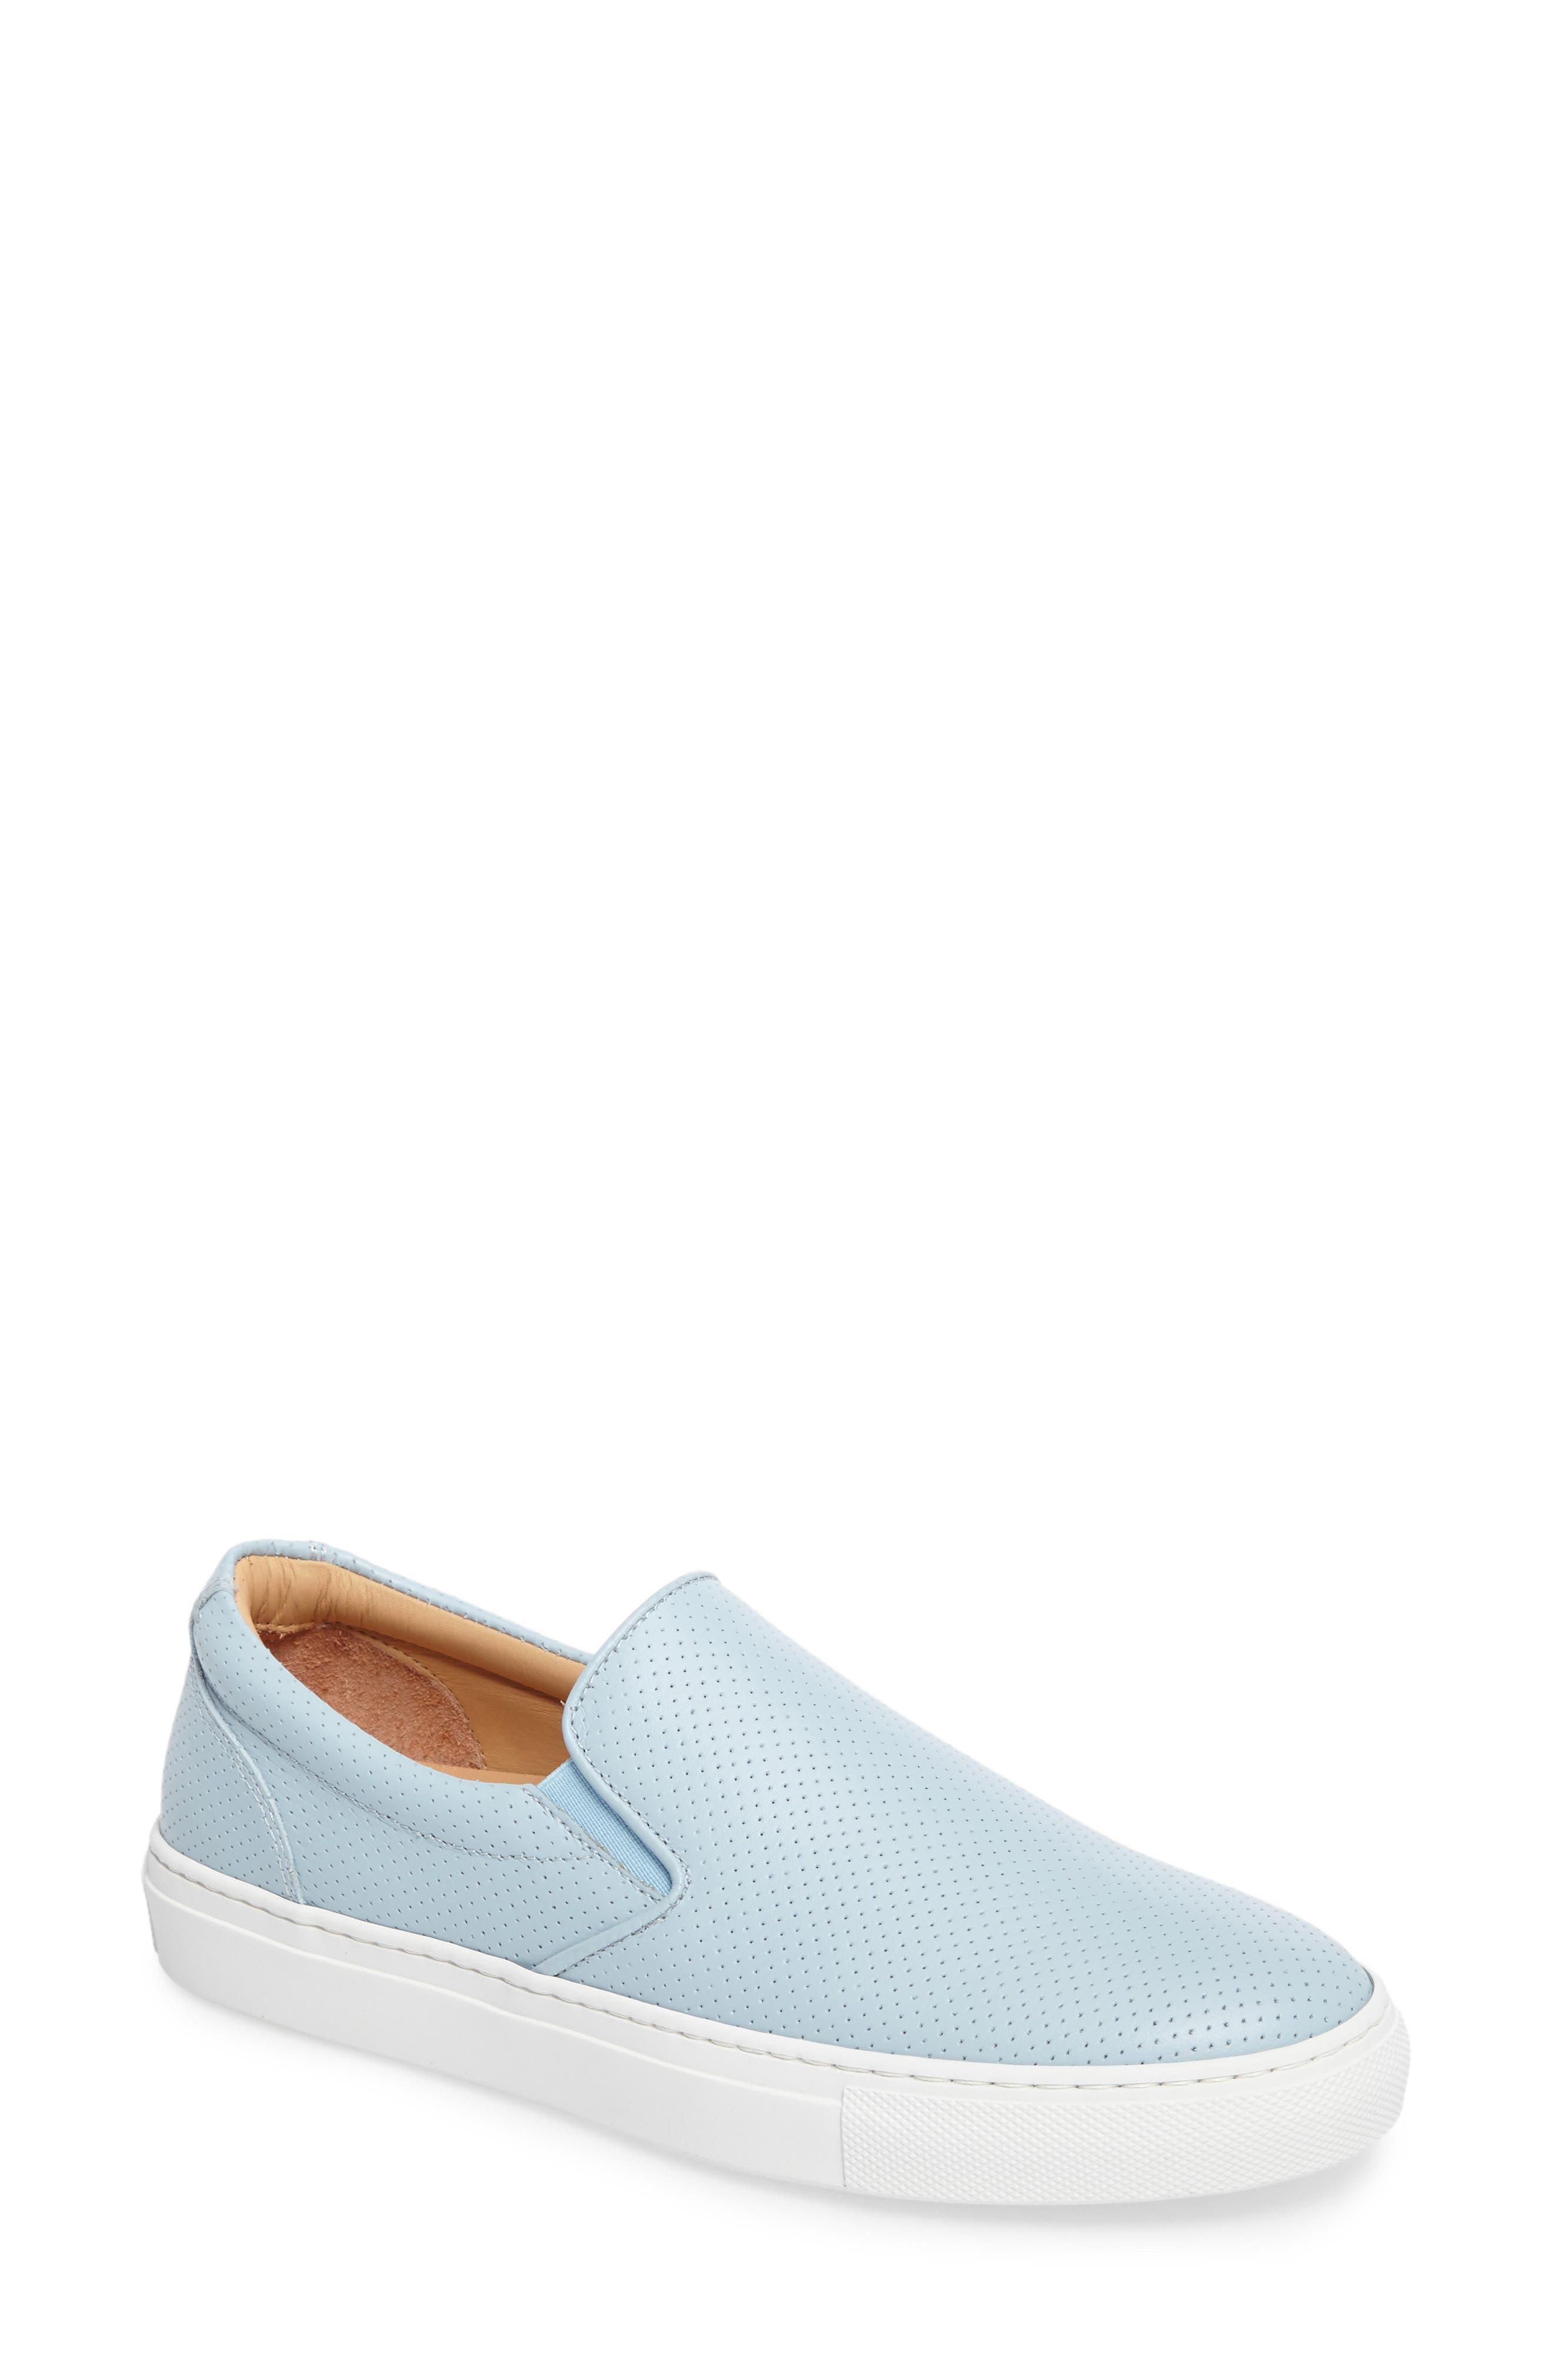 Main Image - Greats Wooster Slip-On Sneaker (Women)